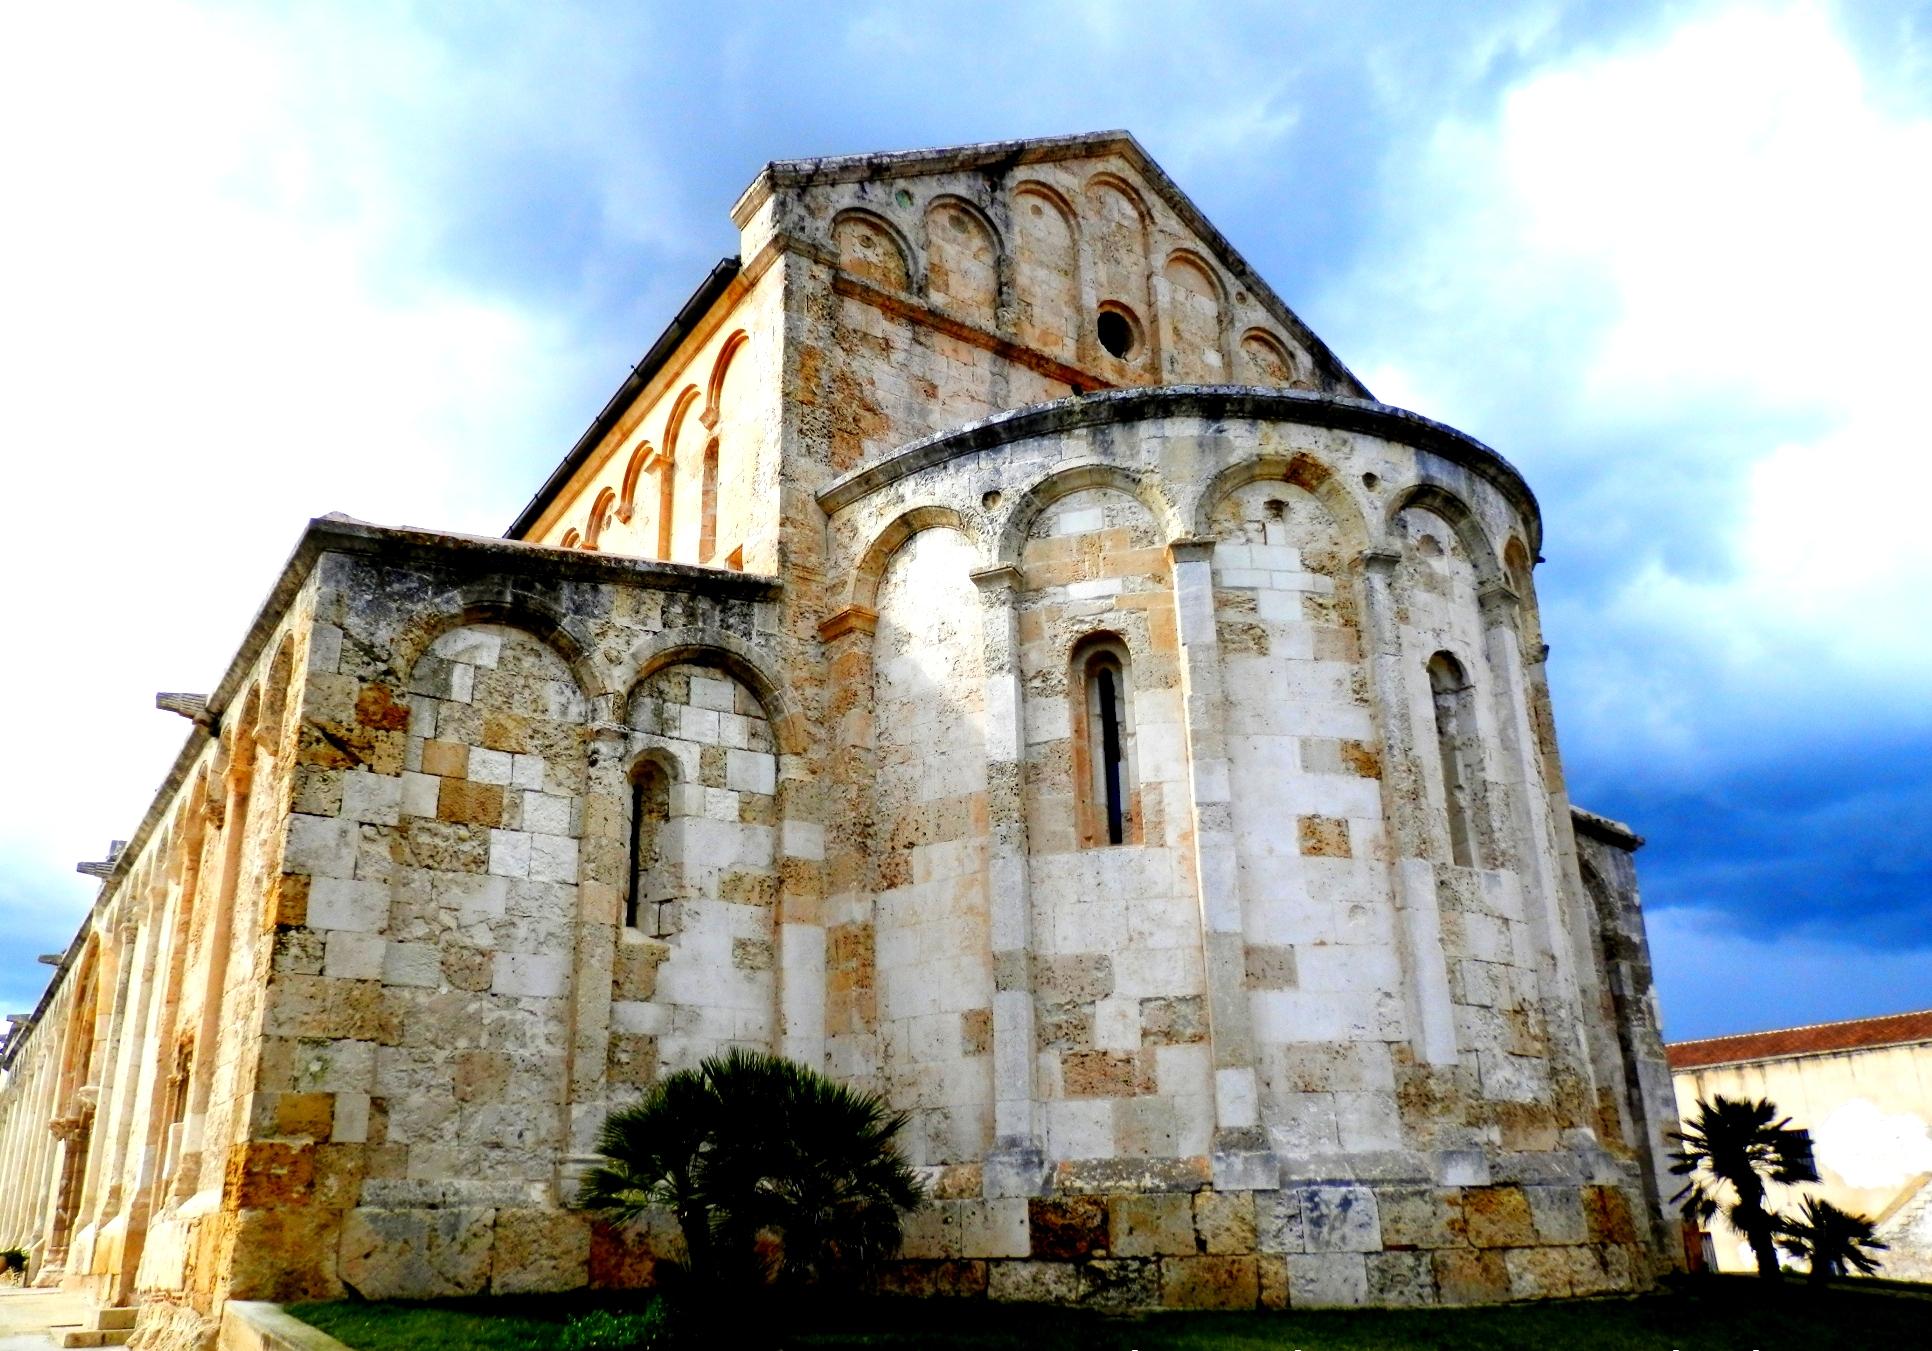 Tra i siti visitabili anche la Basilica romanica di San Gavino